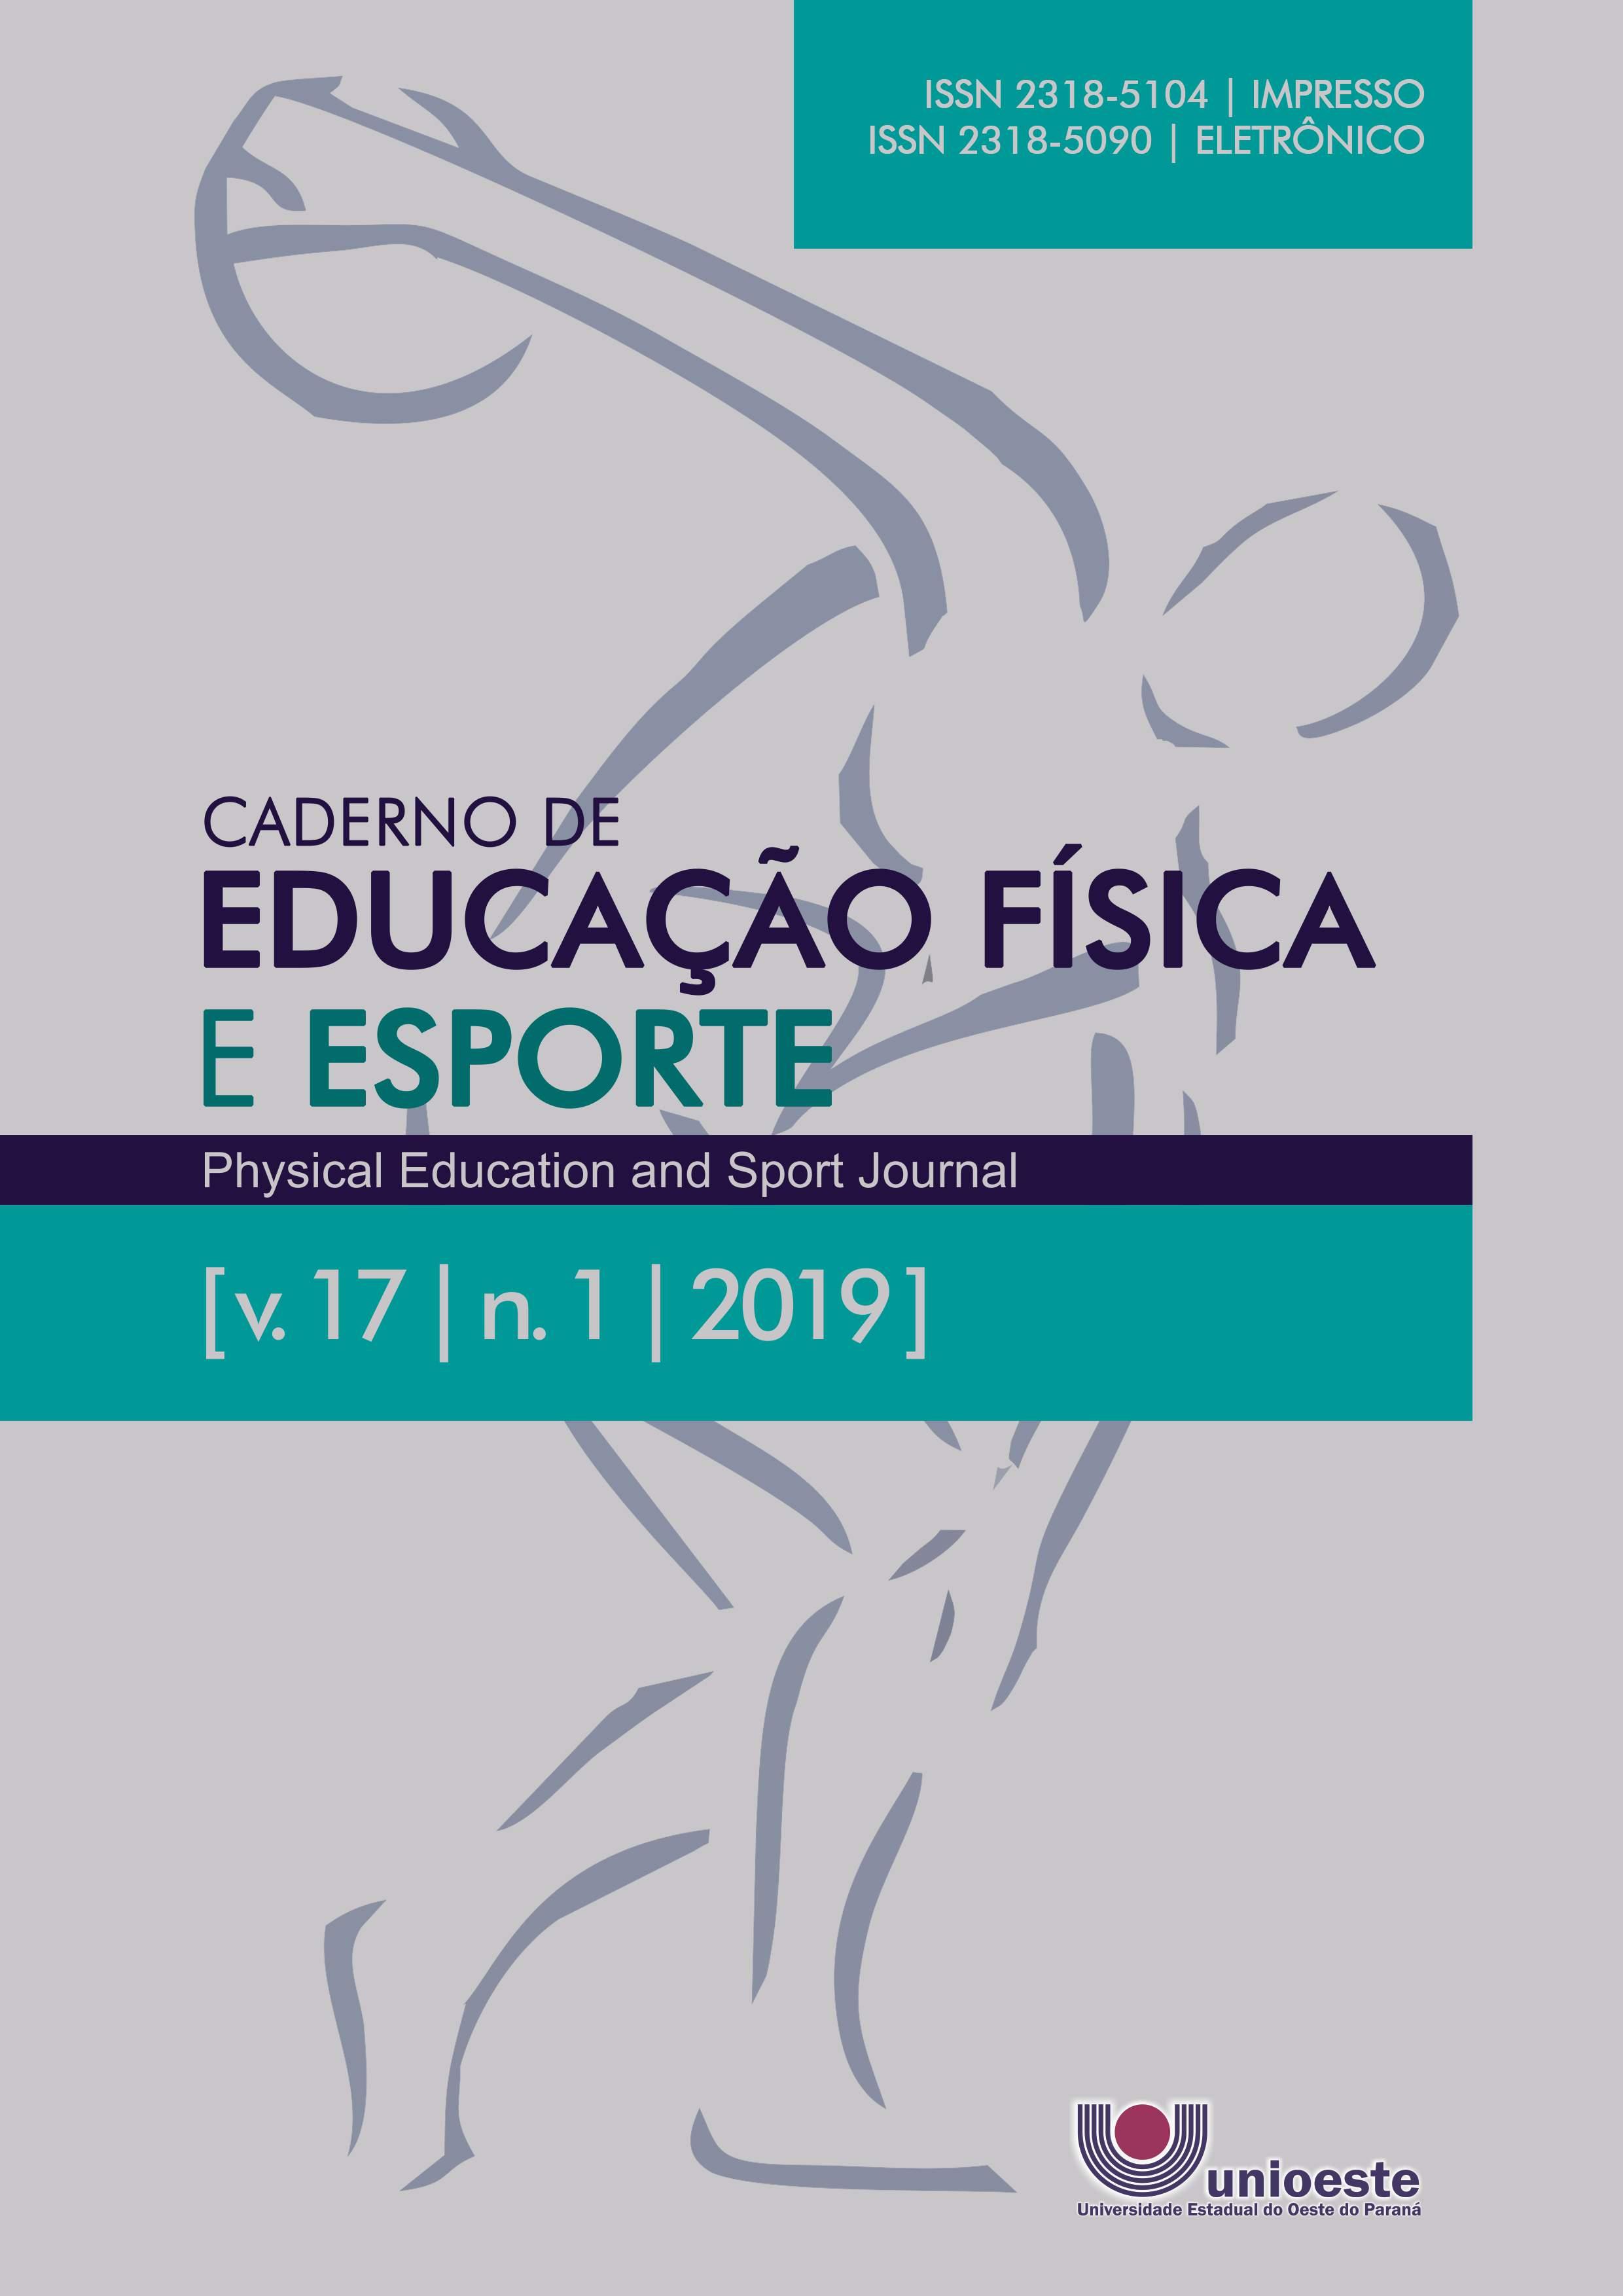 Visualizar v. 17 n. 1 (2019): Caderno de Educação Física e Esporte